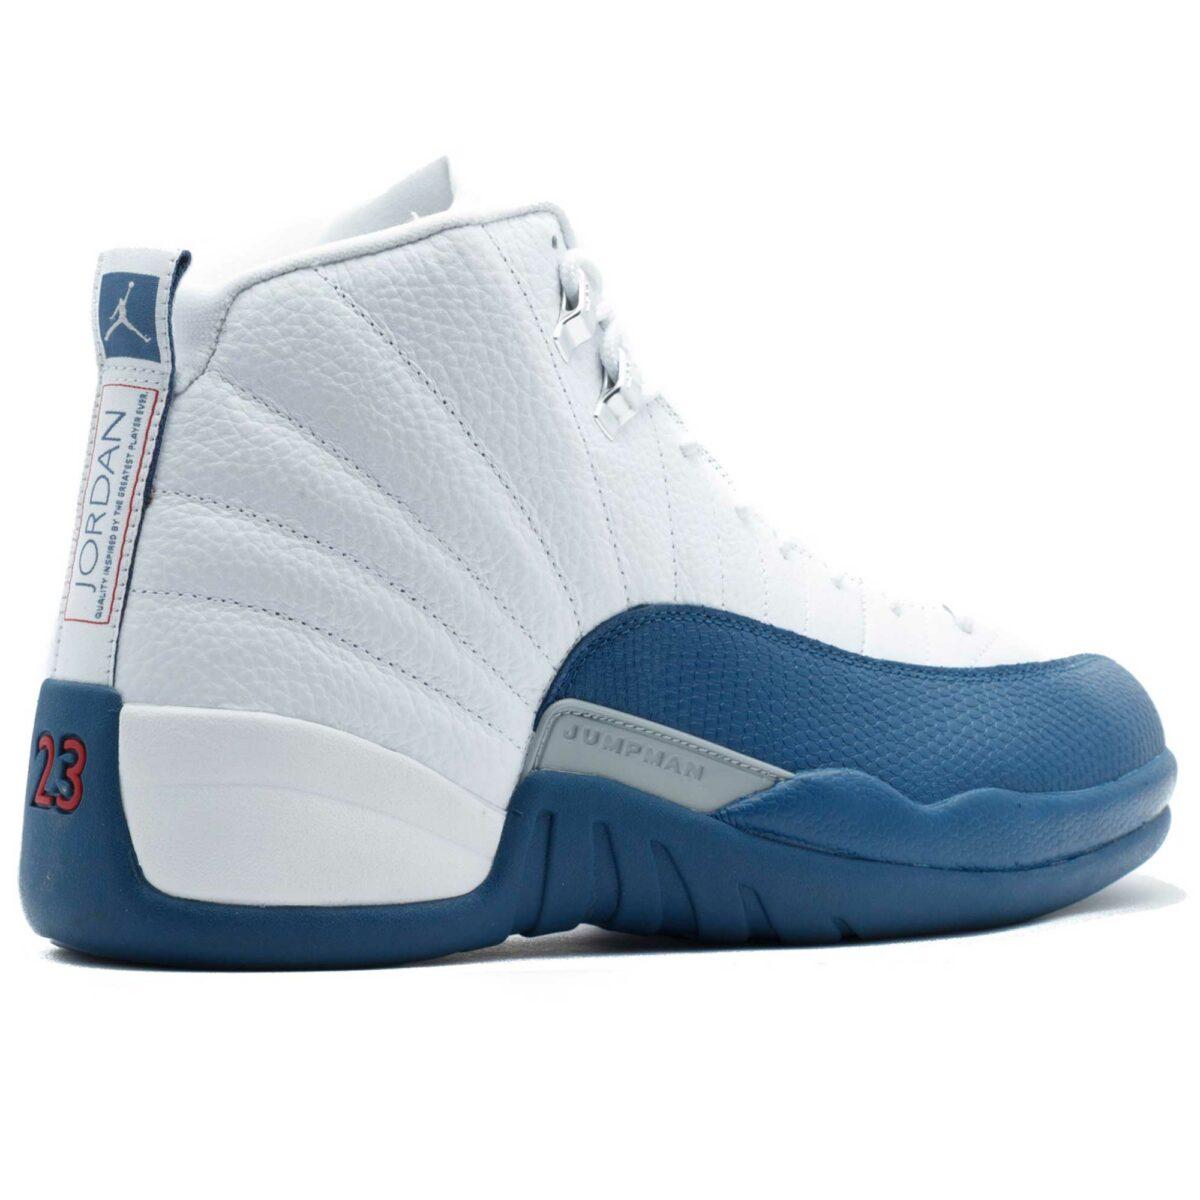 nike air Jordan 12 XII retro french blue 130690 113 купить